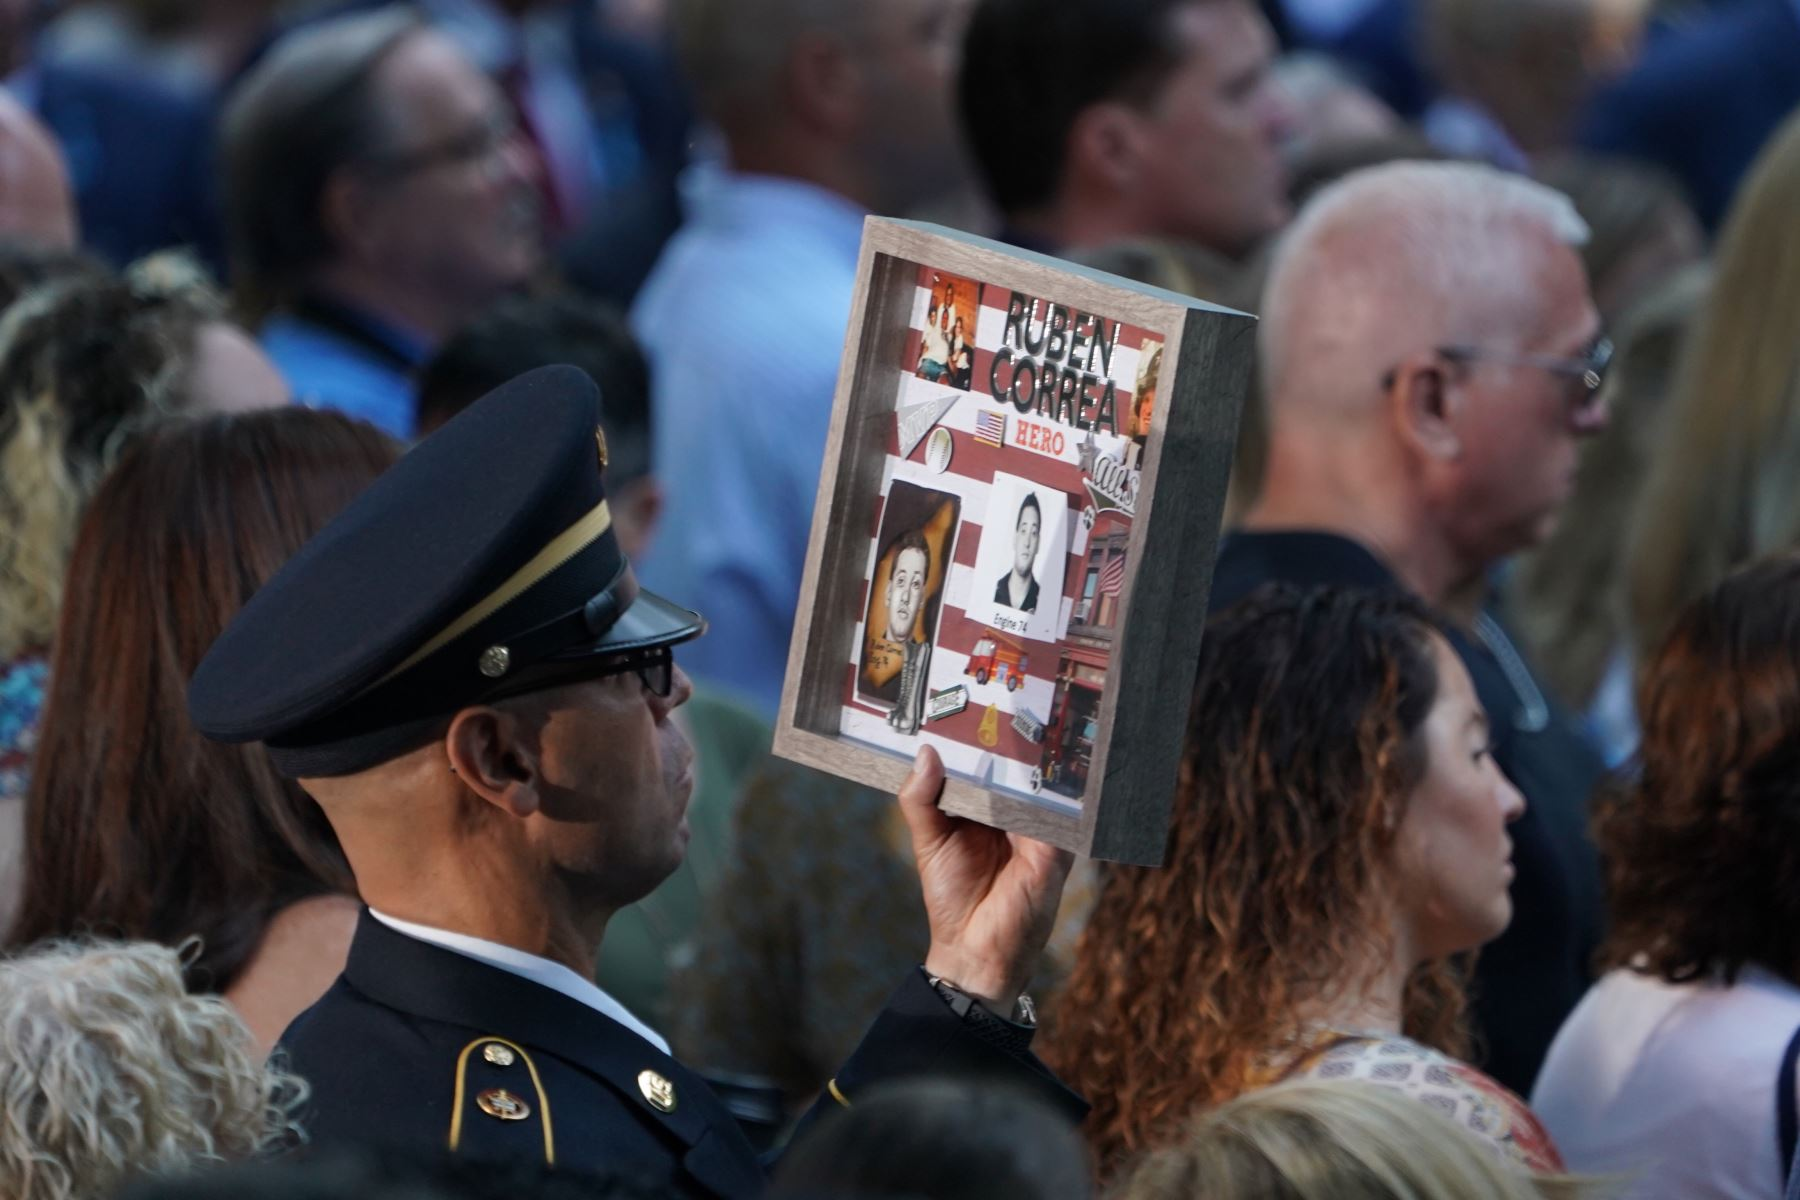 Un pariente sostiene el retrato de una víctima durante la Ceremonia de Conmemoración del 11 de septiembre en el 9/11 Memorial en el World Trade Center en Nueva York.  Foto: AFP